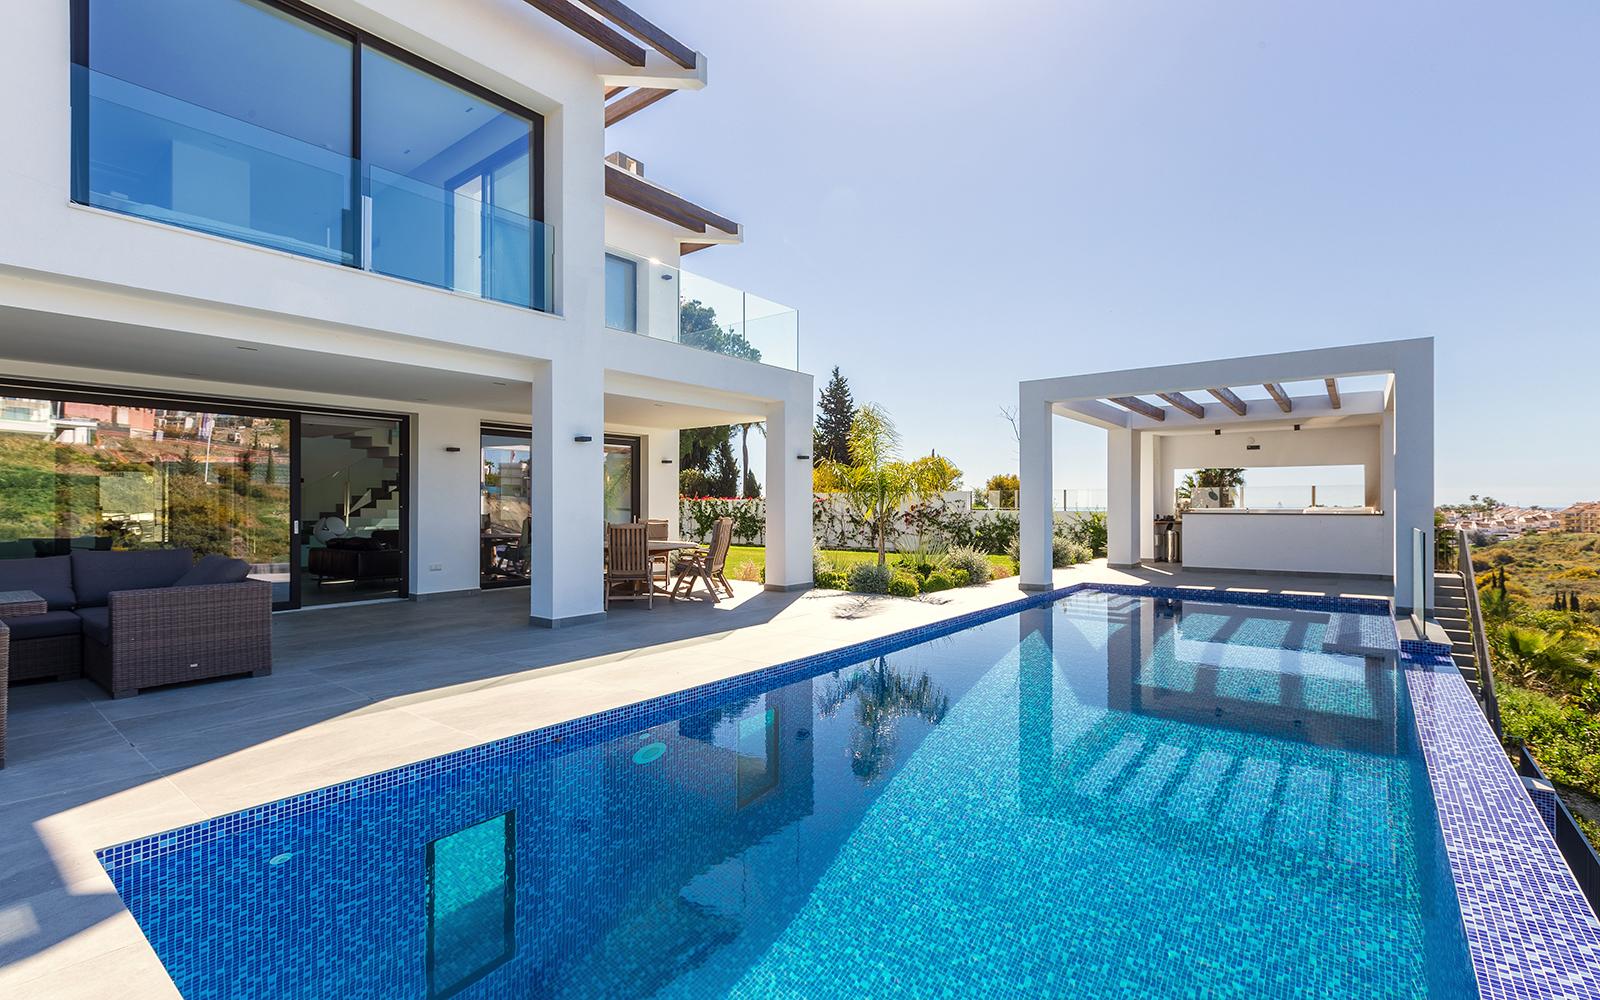 Fantastic Contemporary Style Villa in El Paraiso Alto Overlooking El Paraiso Golf Course.